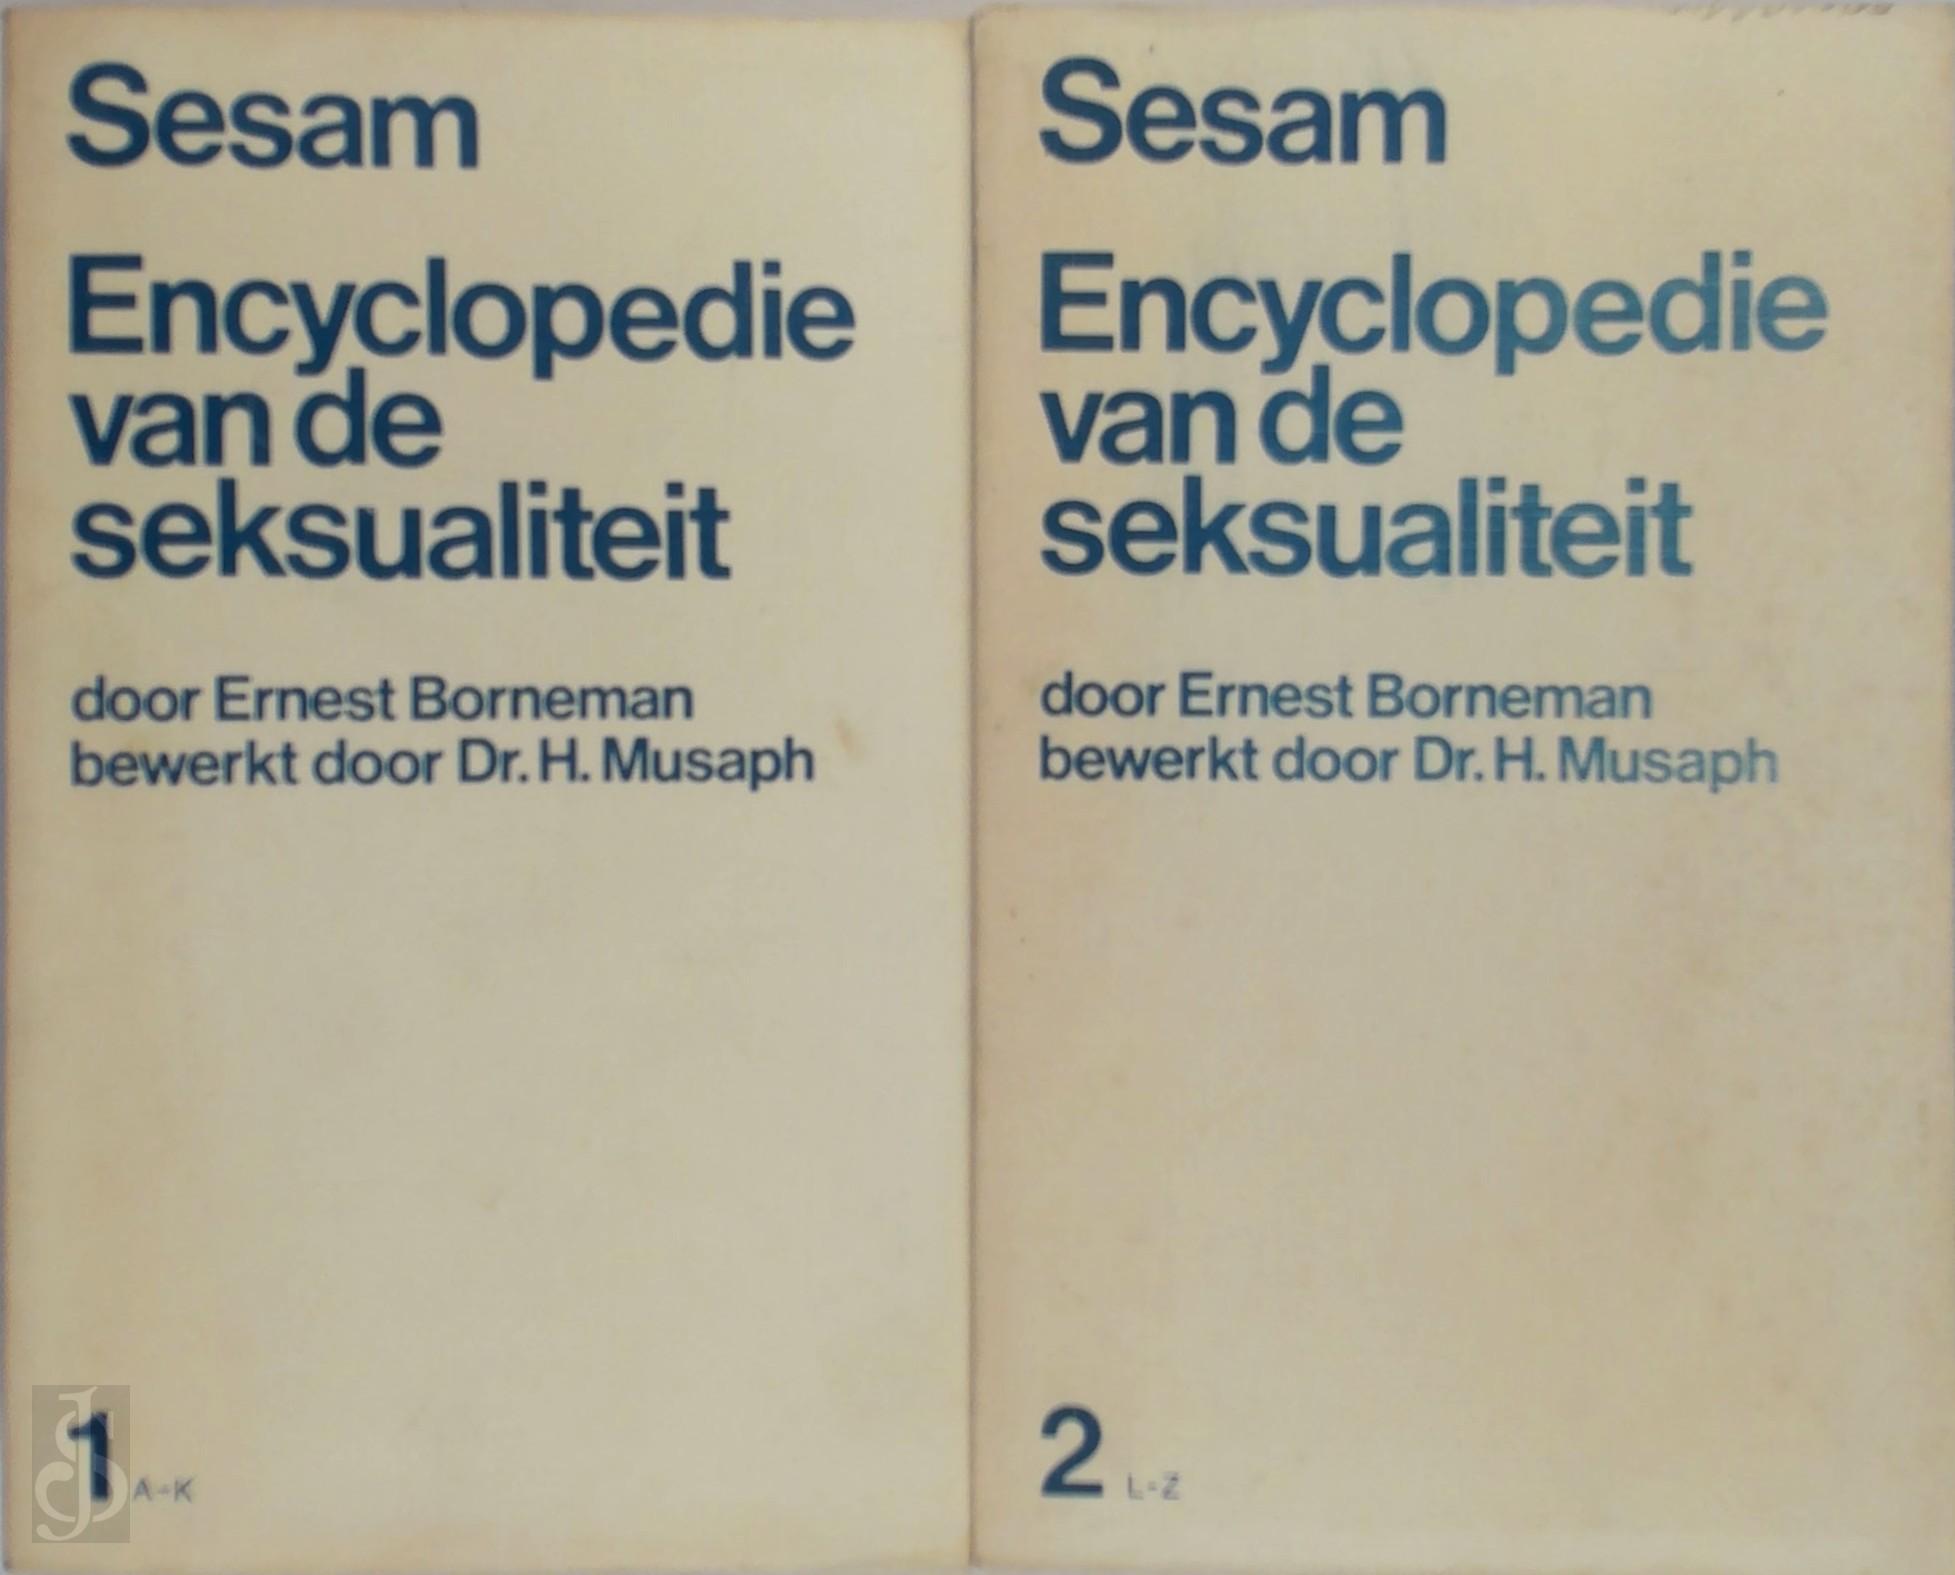 Sesam encyclopedie seksuali...